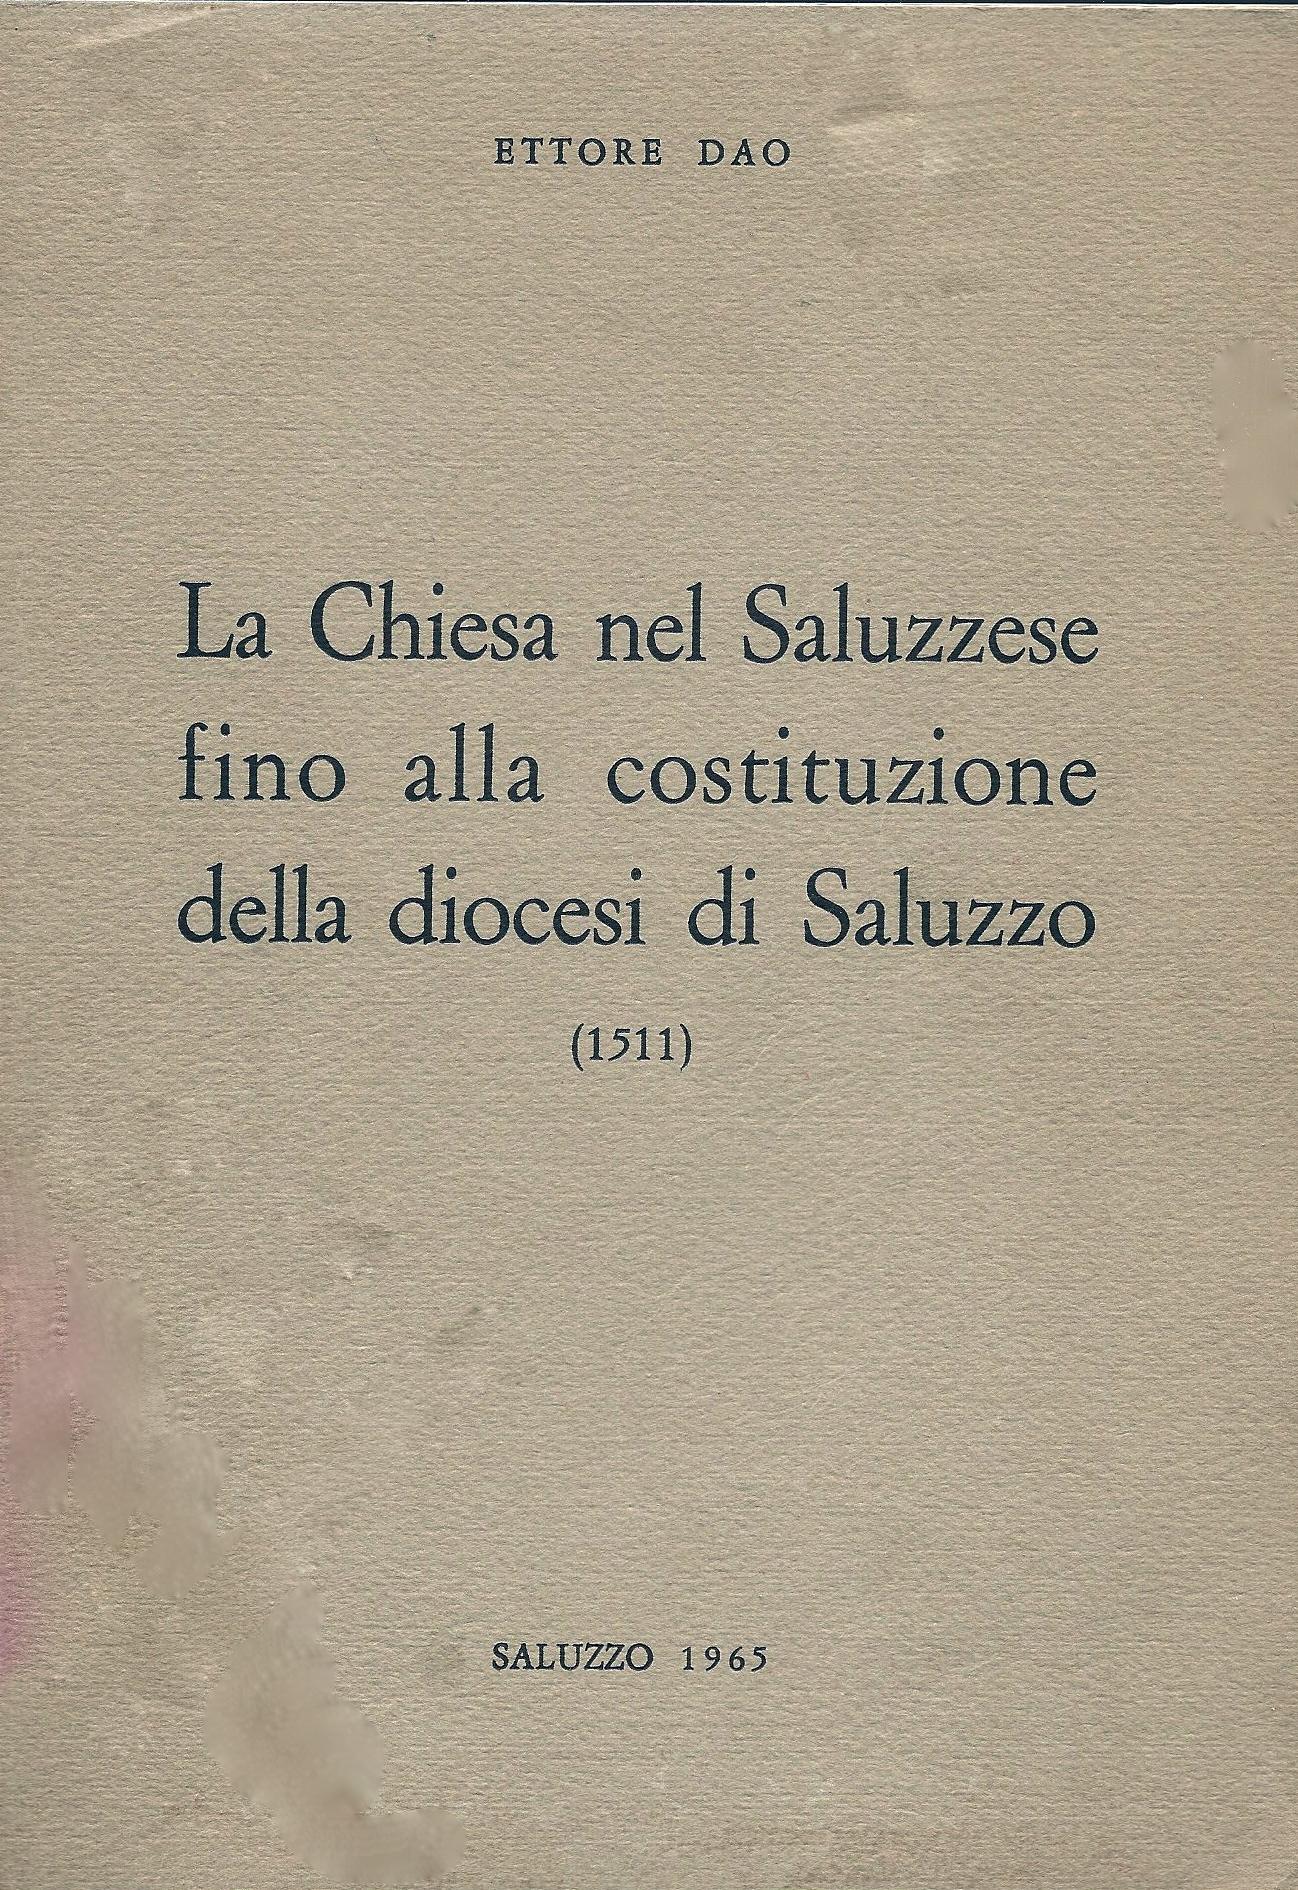 La Chiesa nel Saluzzese fino alla costituzione della diocesi di Saluzzo (1511)